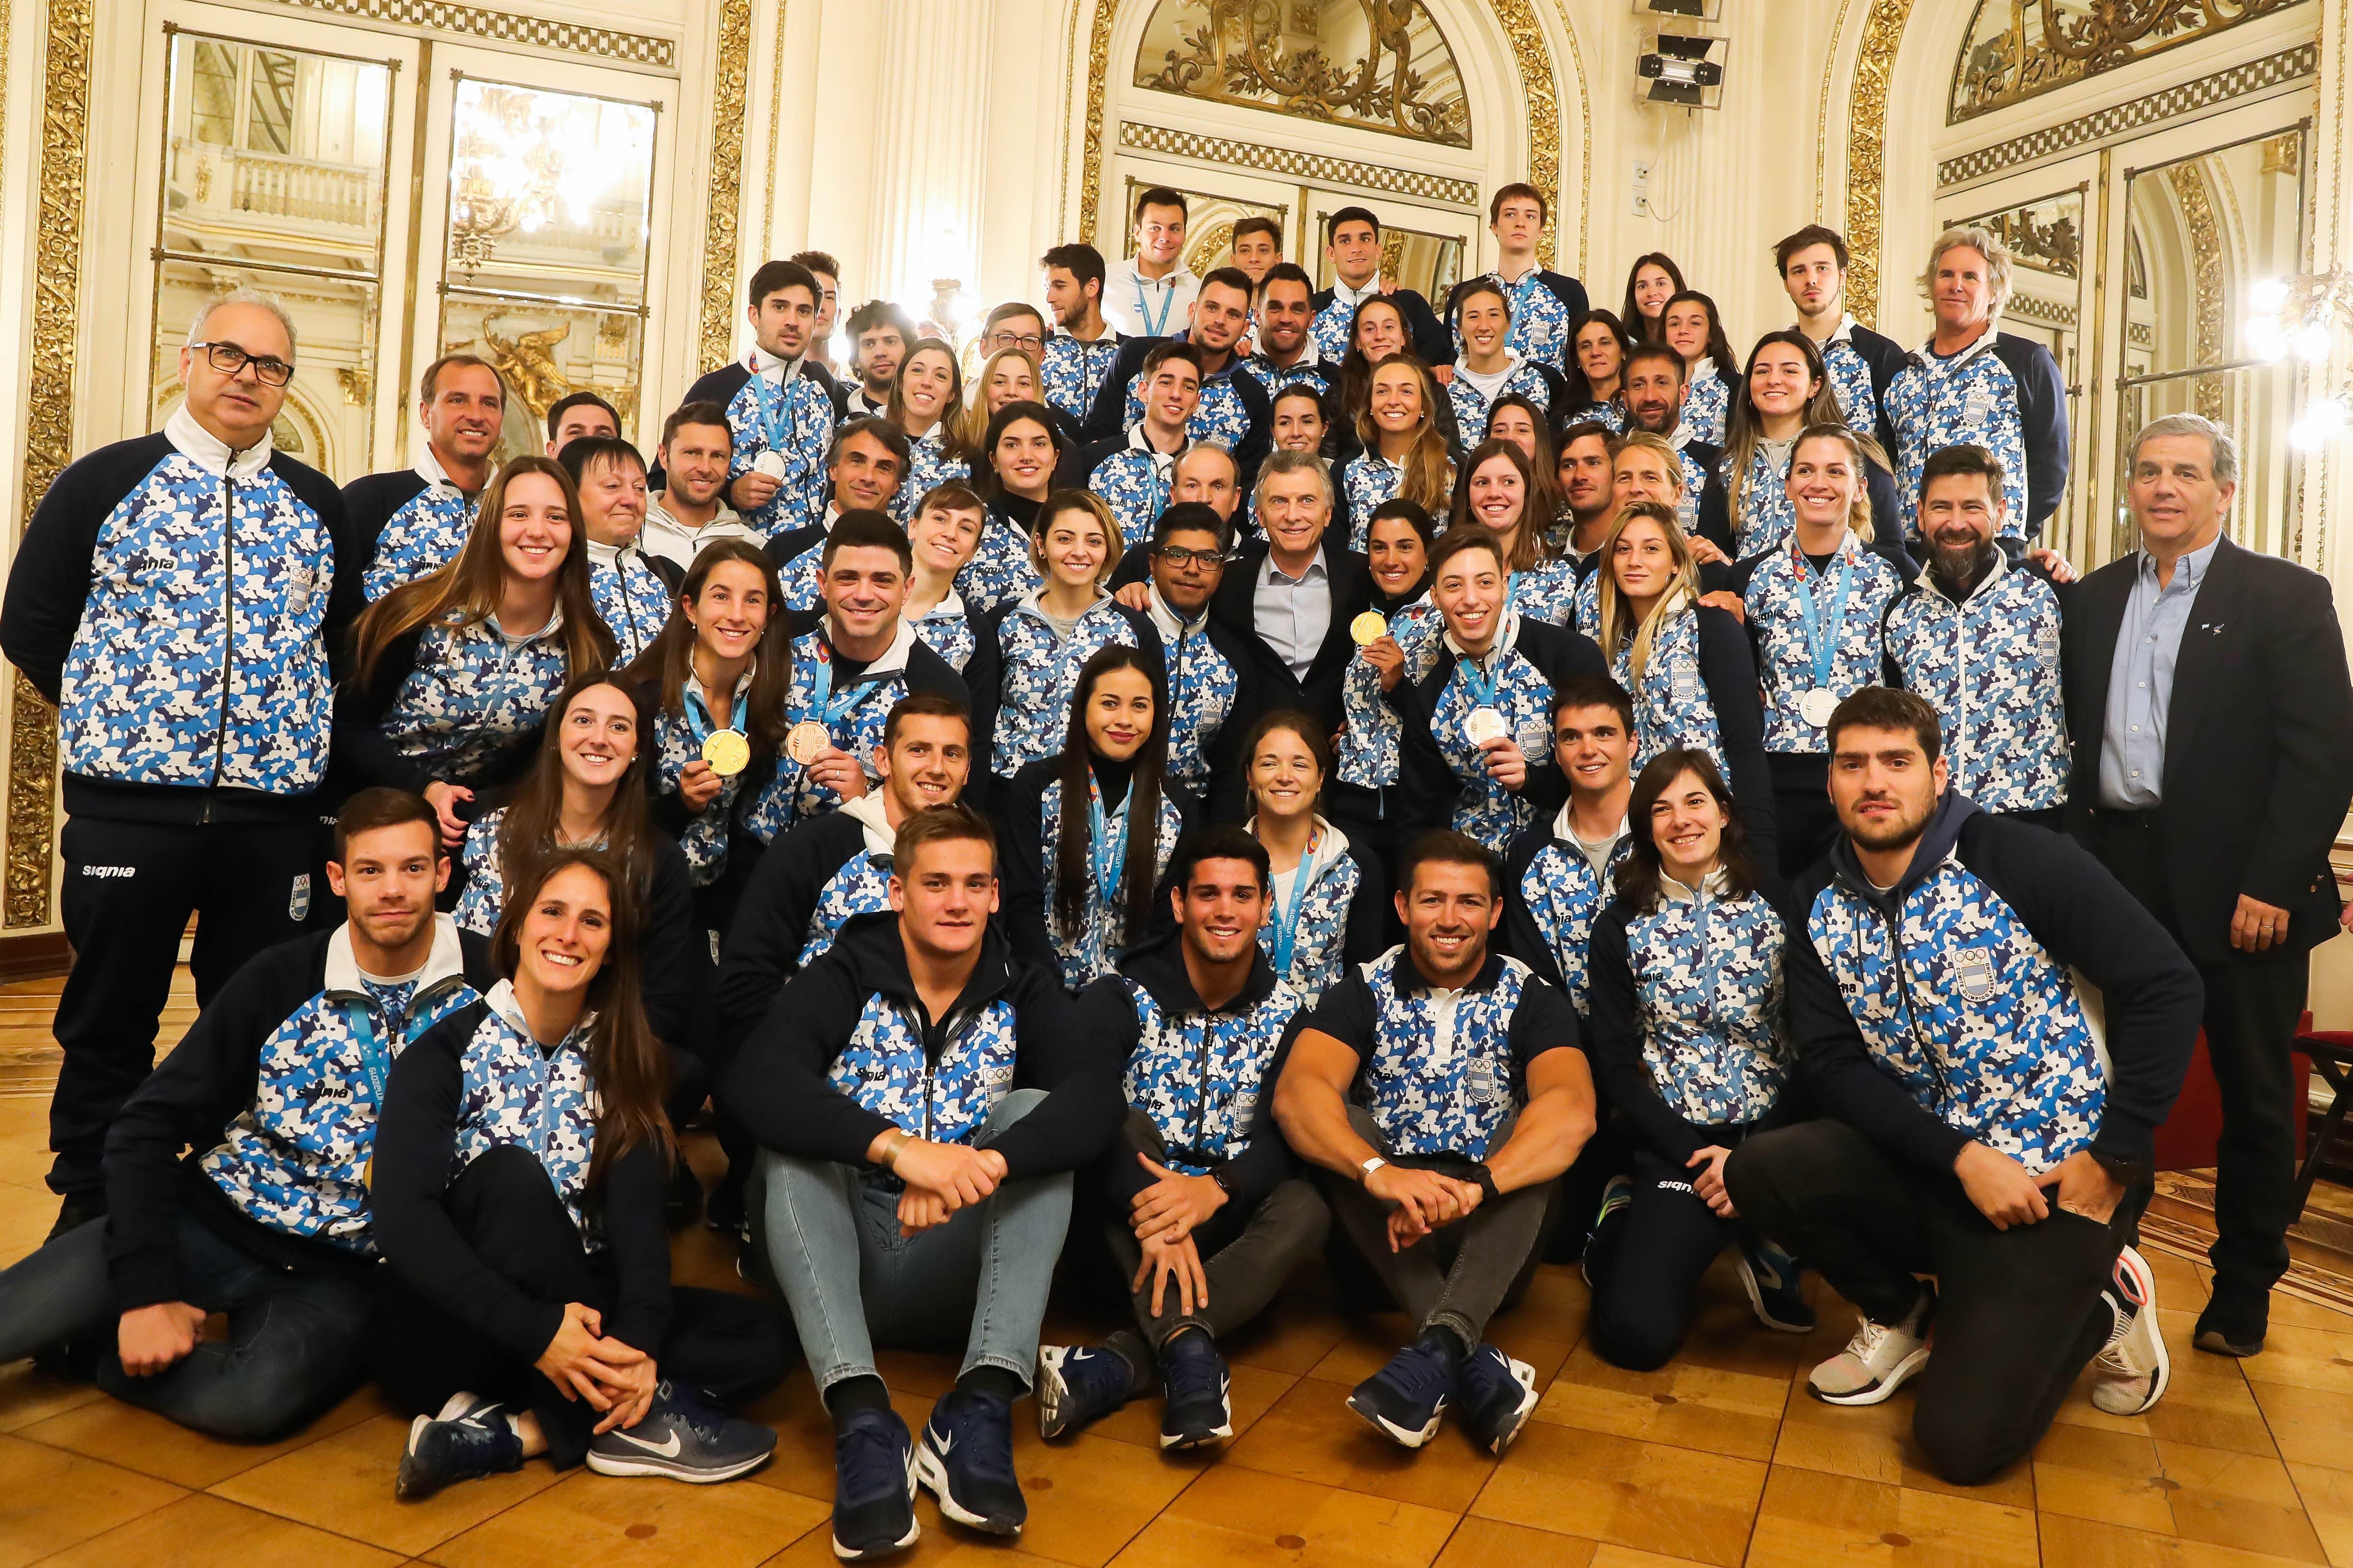 Qué les dijo Mauricio Macri a los atletas argentinos que participaron de los Juegos Panamericanos